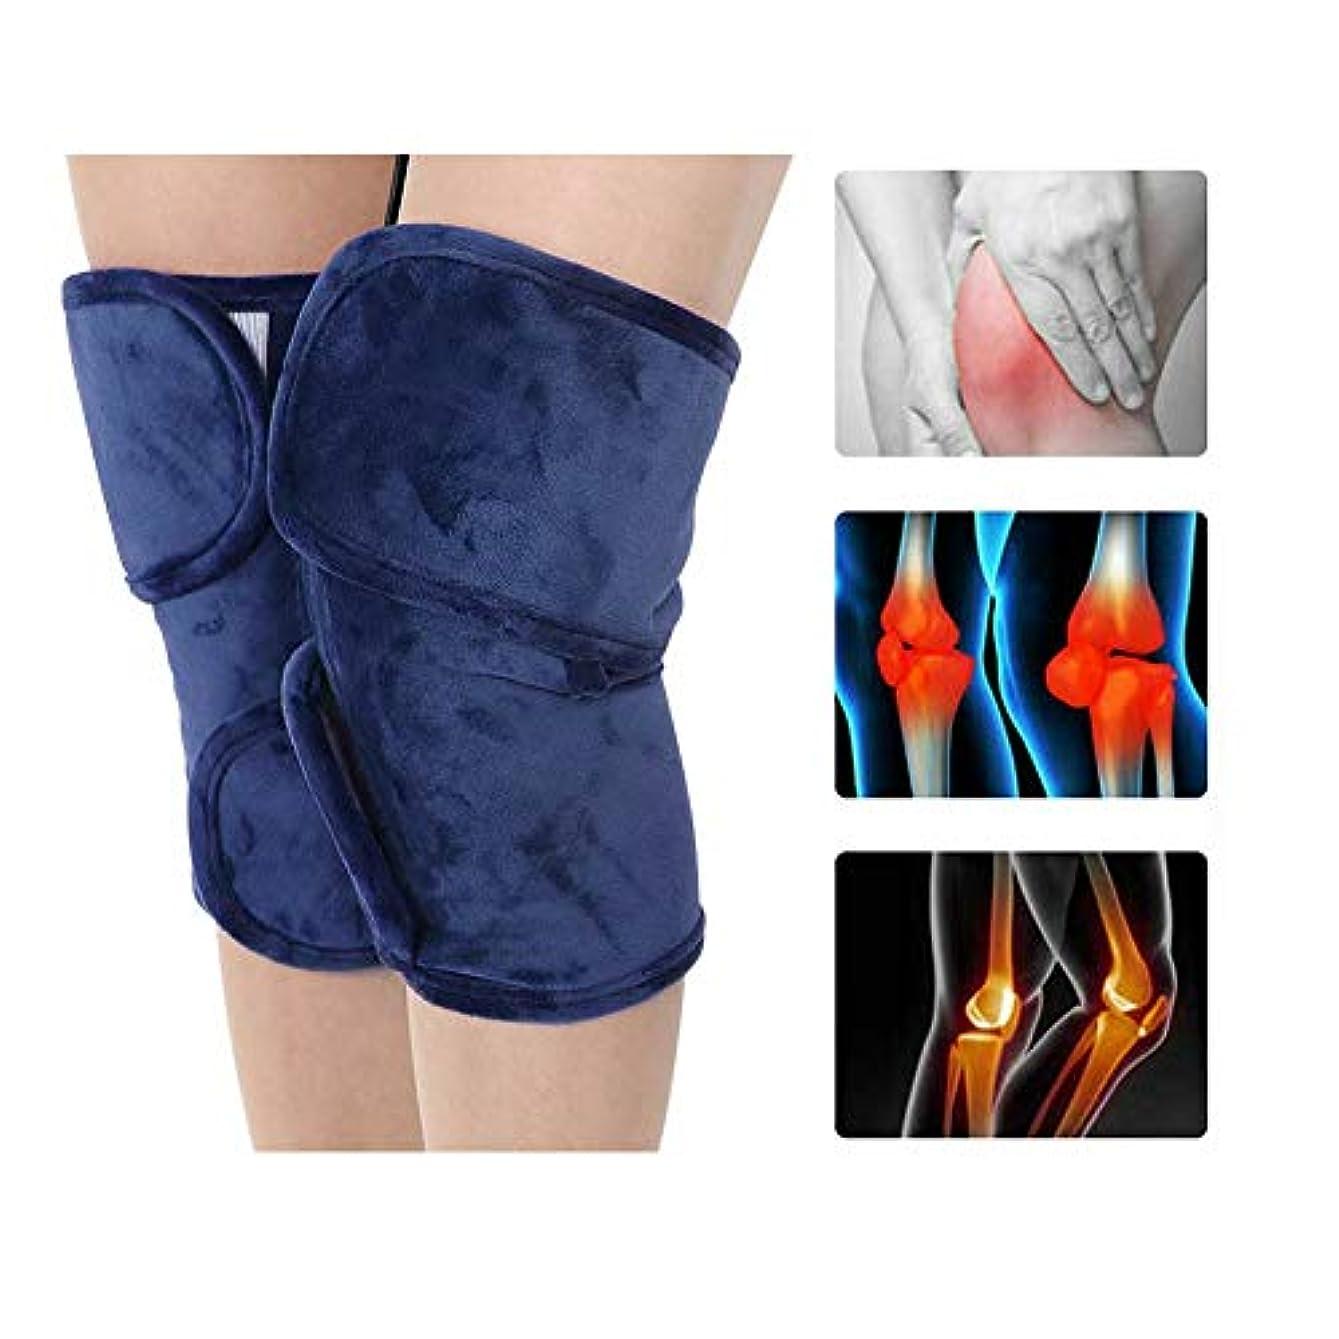 レタス注釈を付ける騒々しい電気加熱膝ブレースサポート - 膝温かいラップパッド療法ホット関節炎膝の痛みのための熱い圧縮,Blue